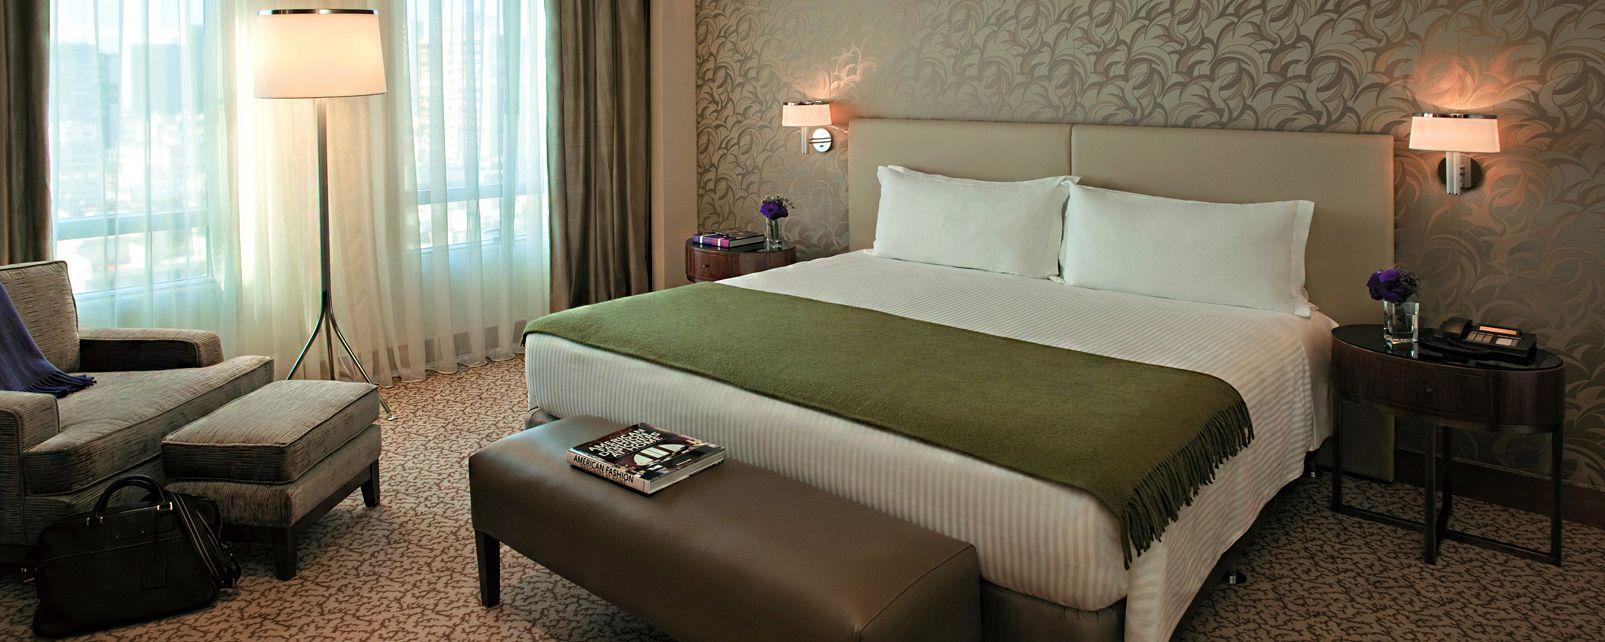 Hôtel Alvear Art Hotel